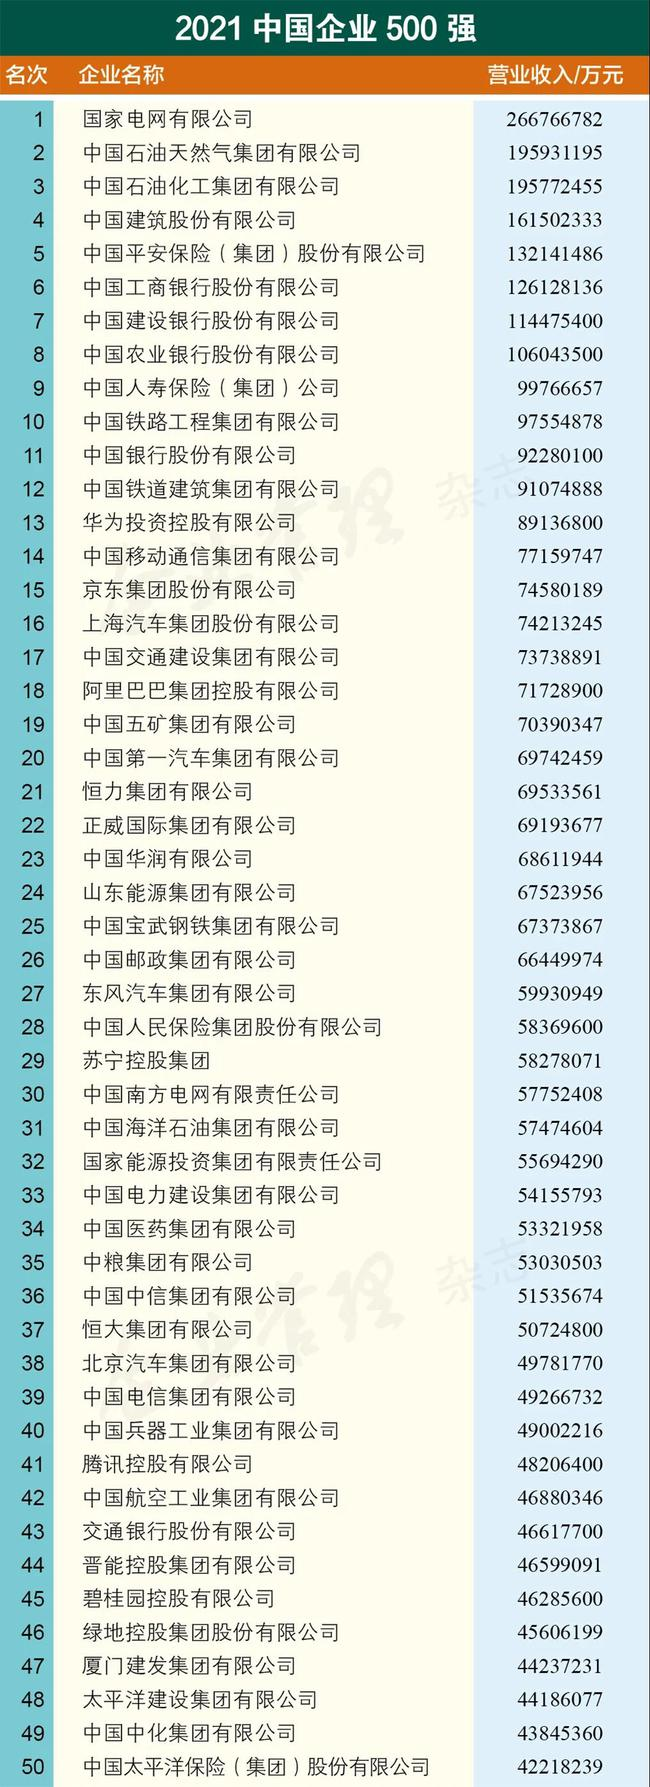 2021中国企业500强